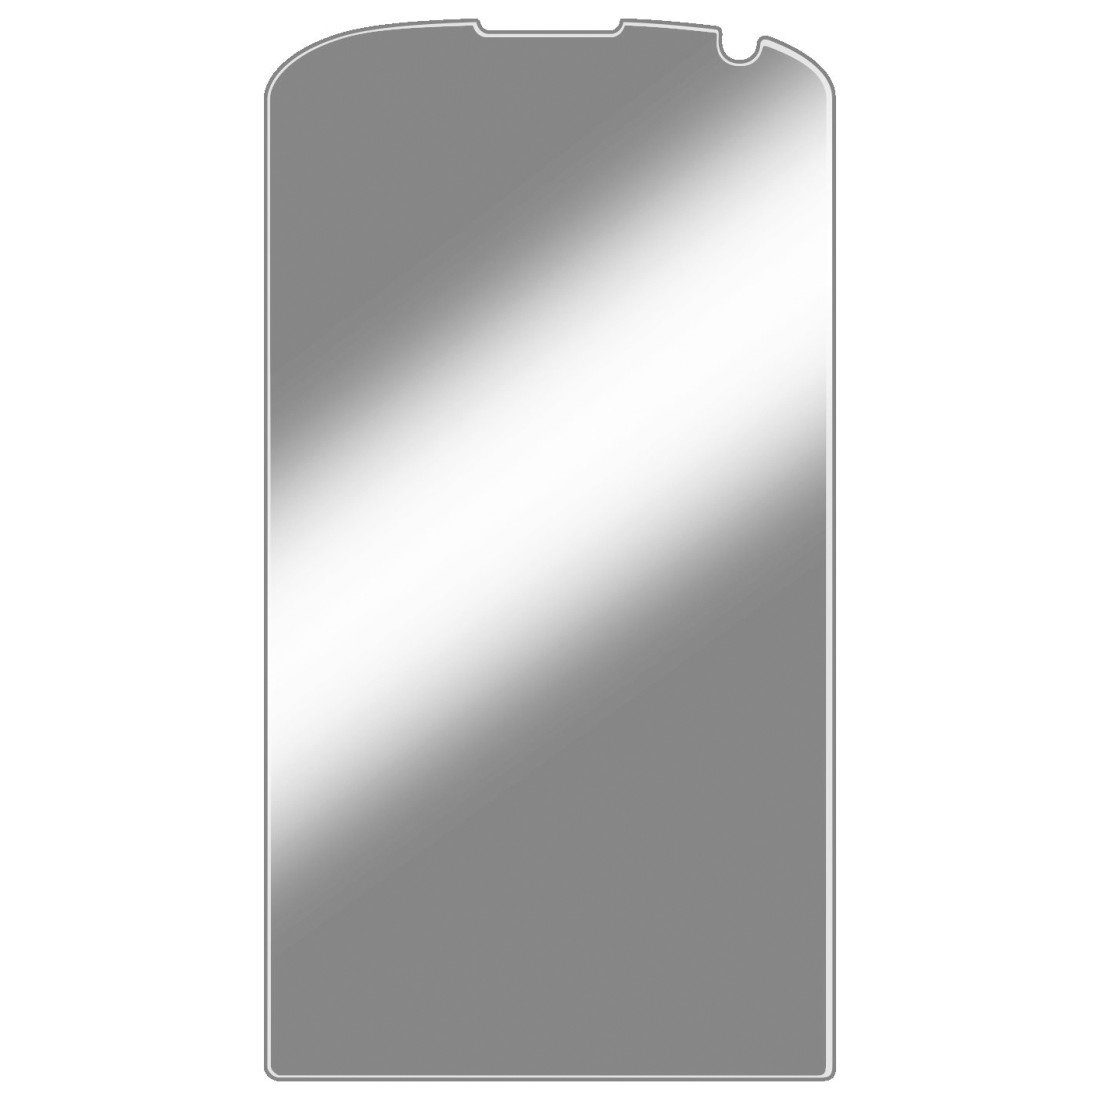 Hama Displayschutzfolie für Samsung Galaxy S3/S3 Neo, 2er Set »Displayschutz Schutzfolie«